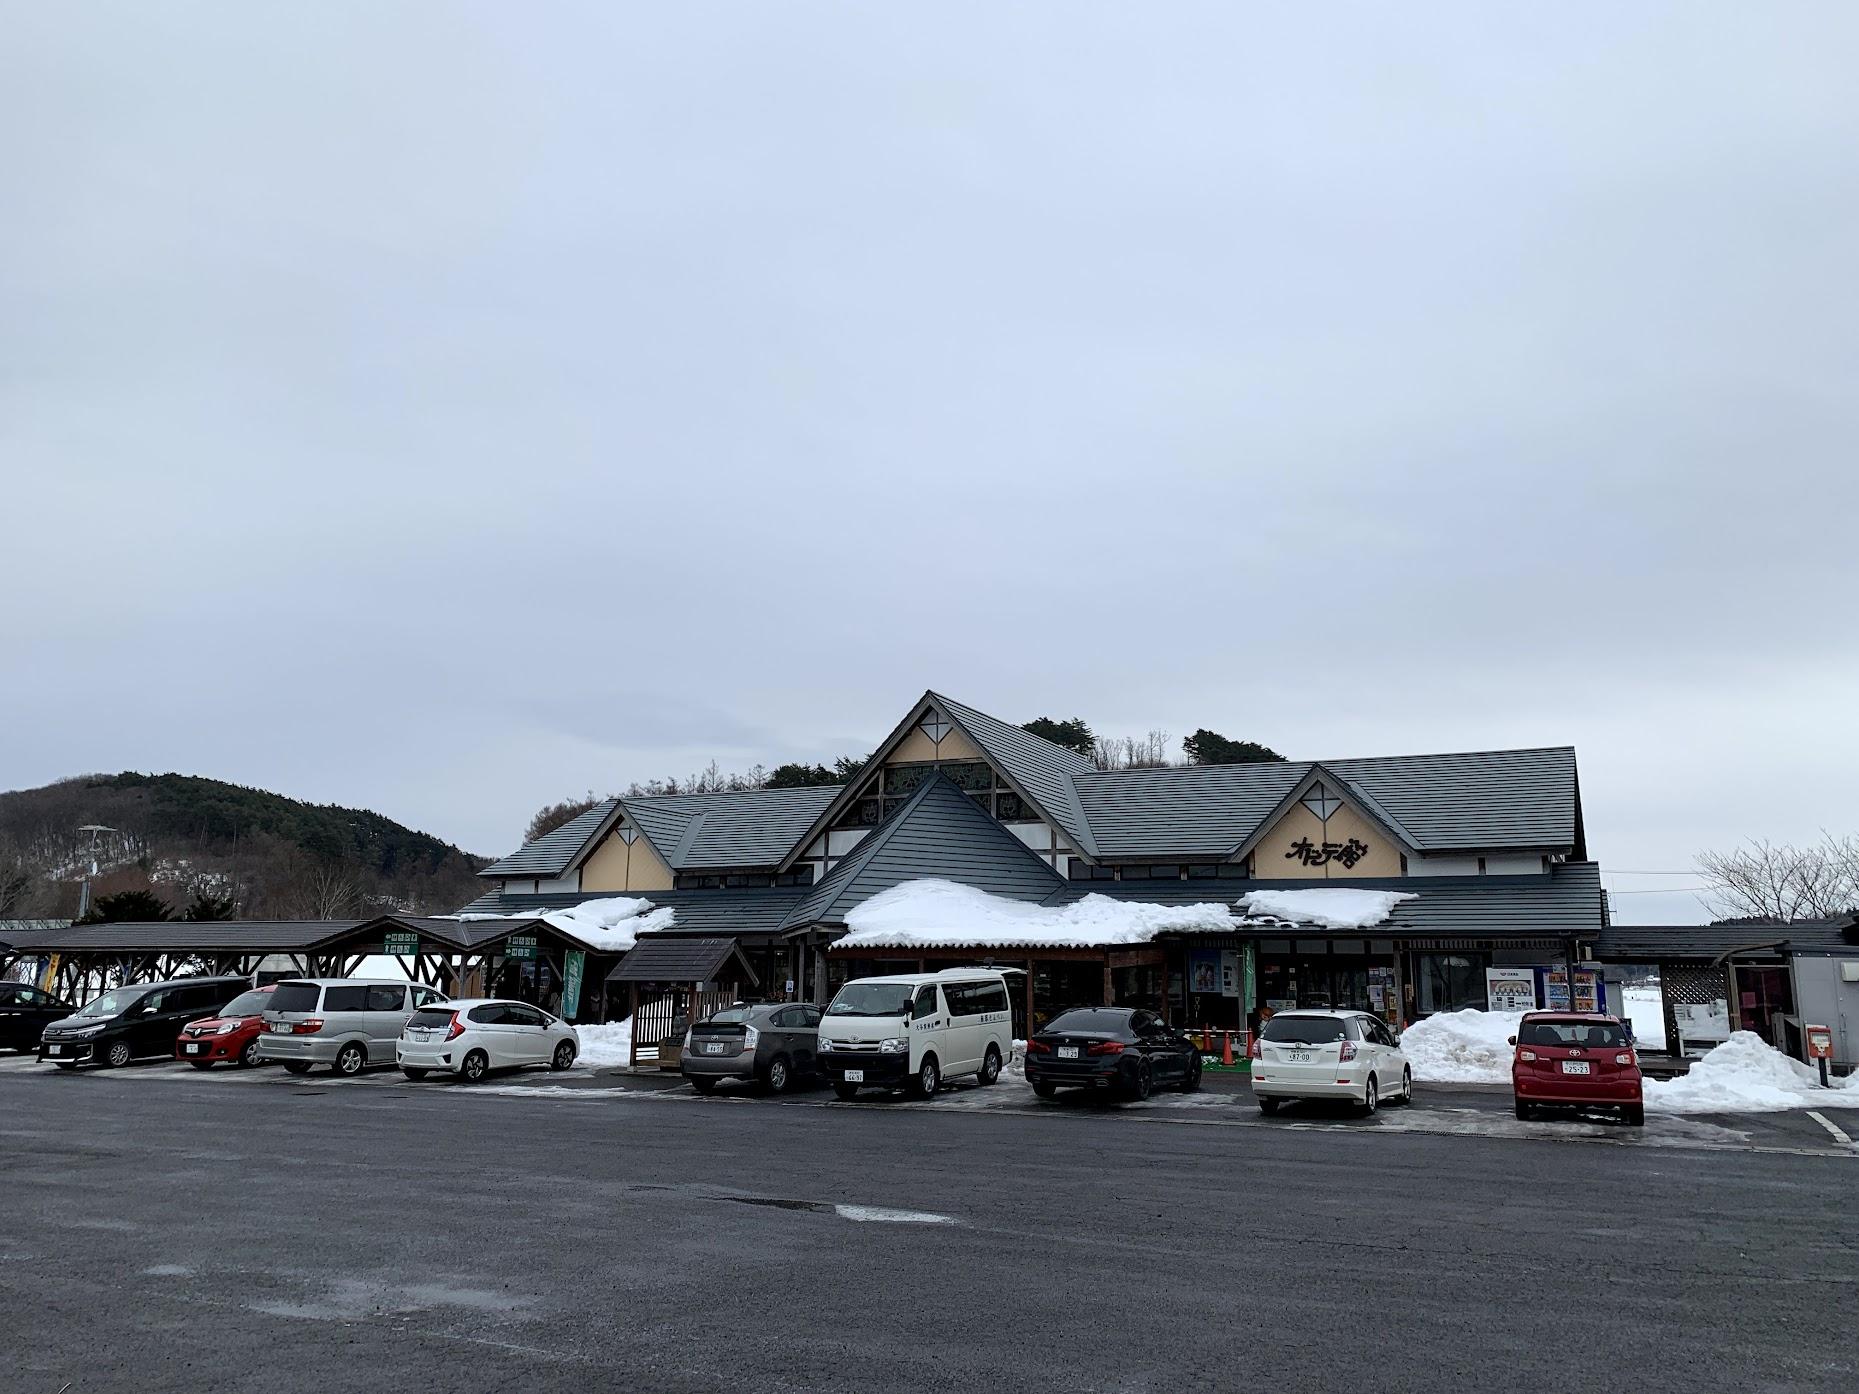 岩手県北ネタ探しツアー 道の駅おりつめ「オドデ館」の巻